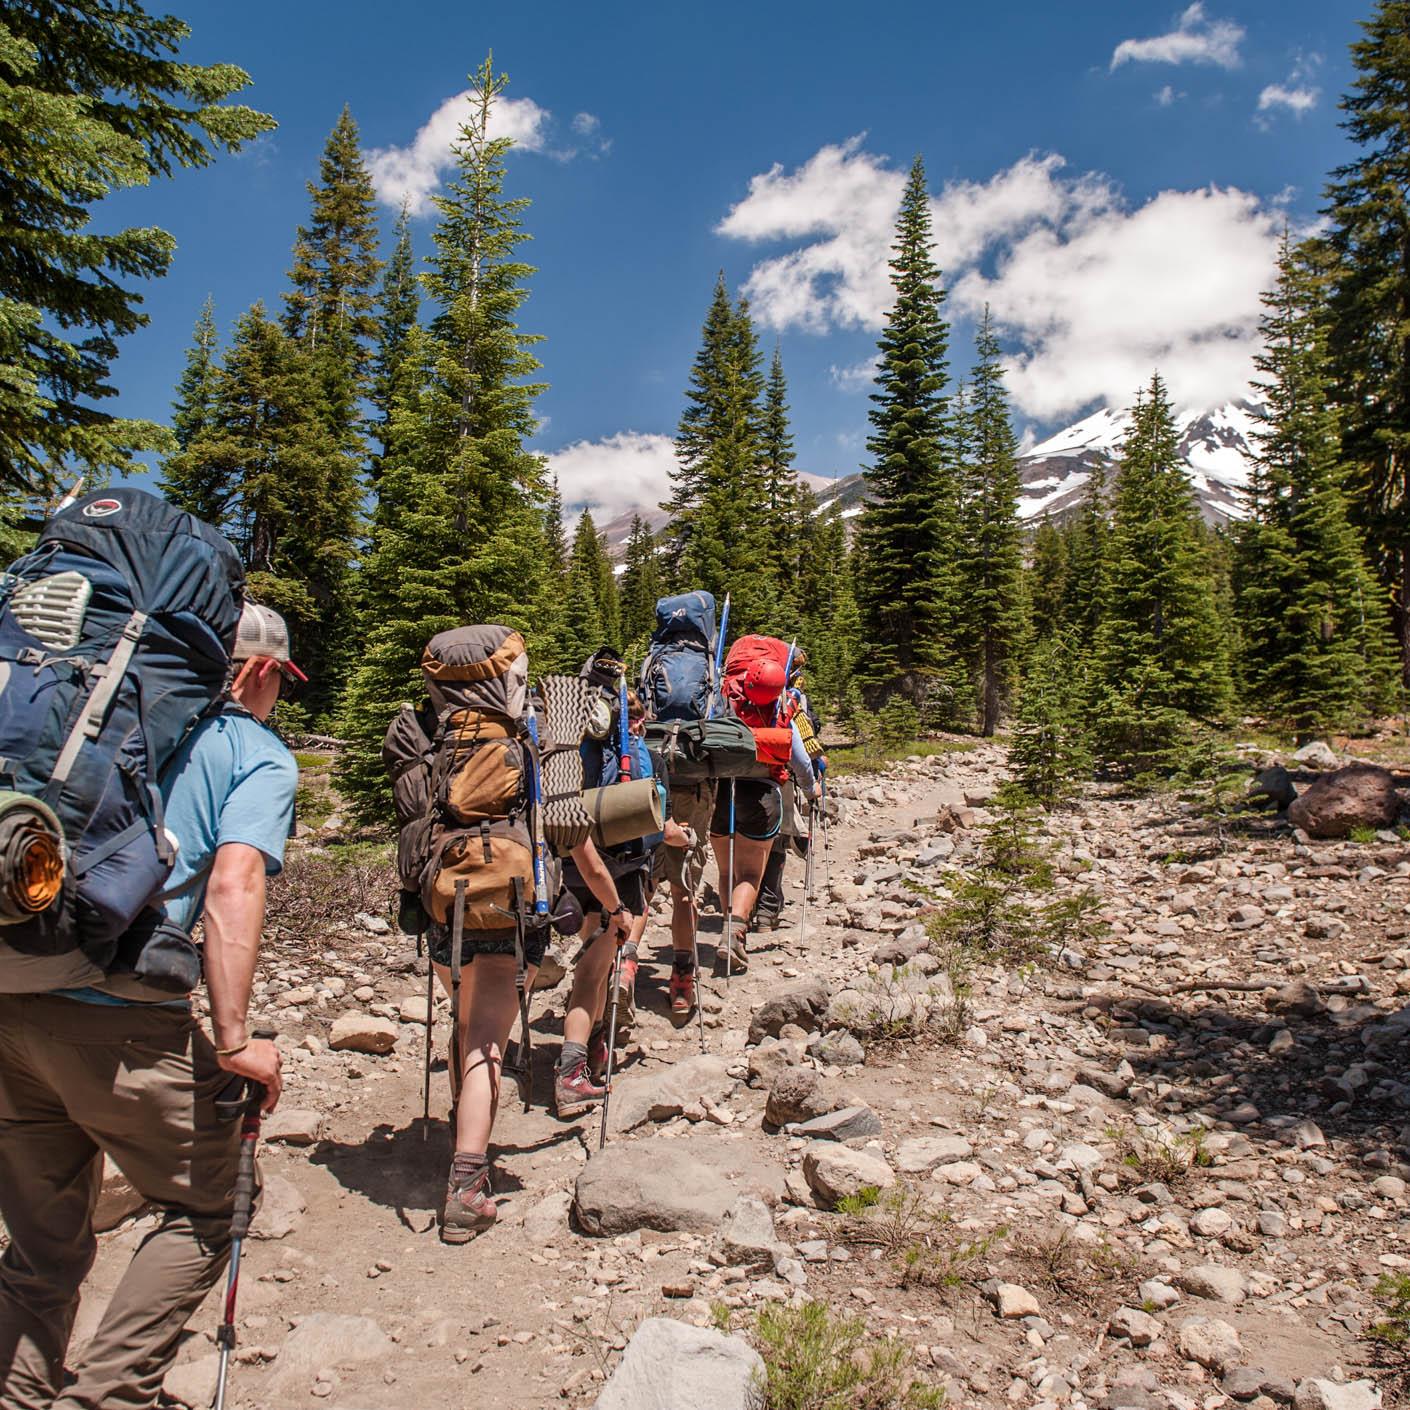 High Sierra backpacking